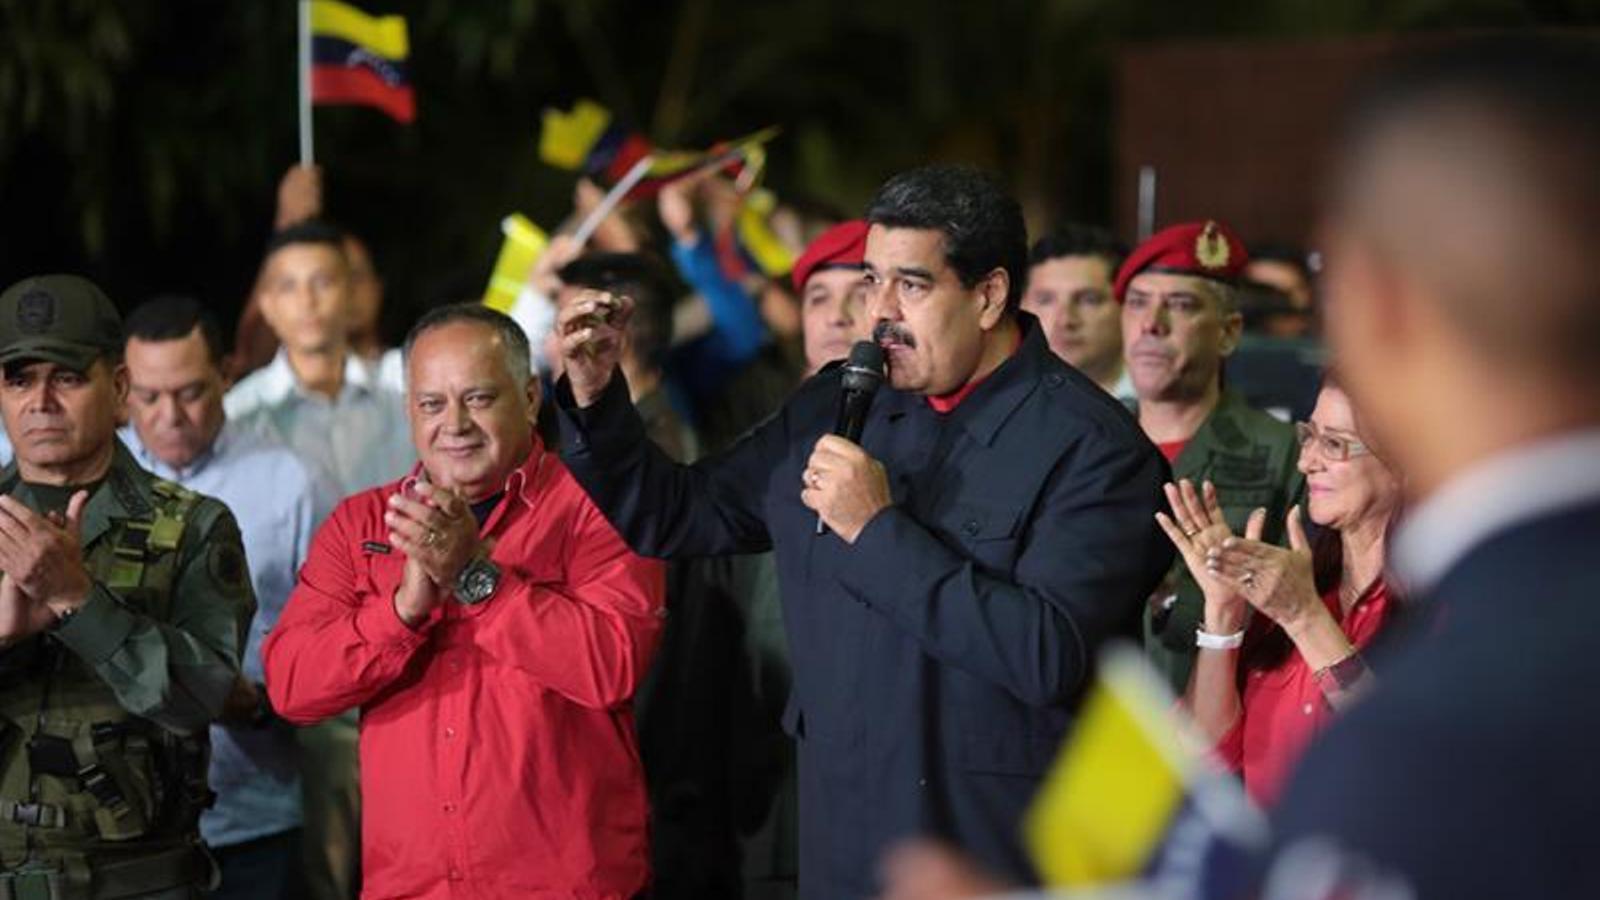 Un Maduro triomfant anuncia la victòria del chavisme a les regionals. / GOVERN DE VENEÇUELA / EFE